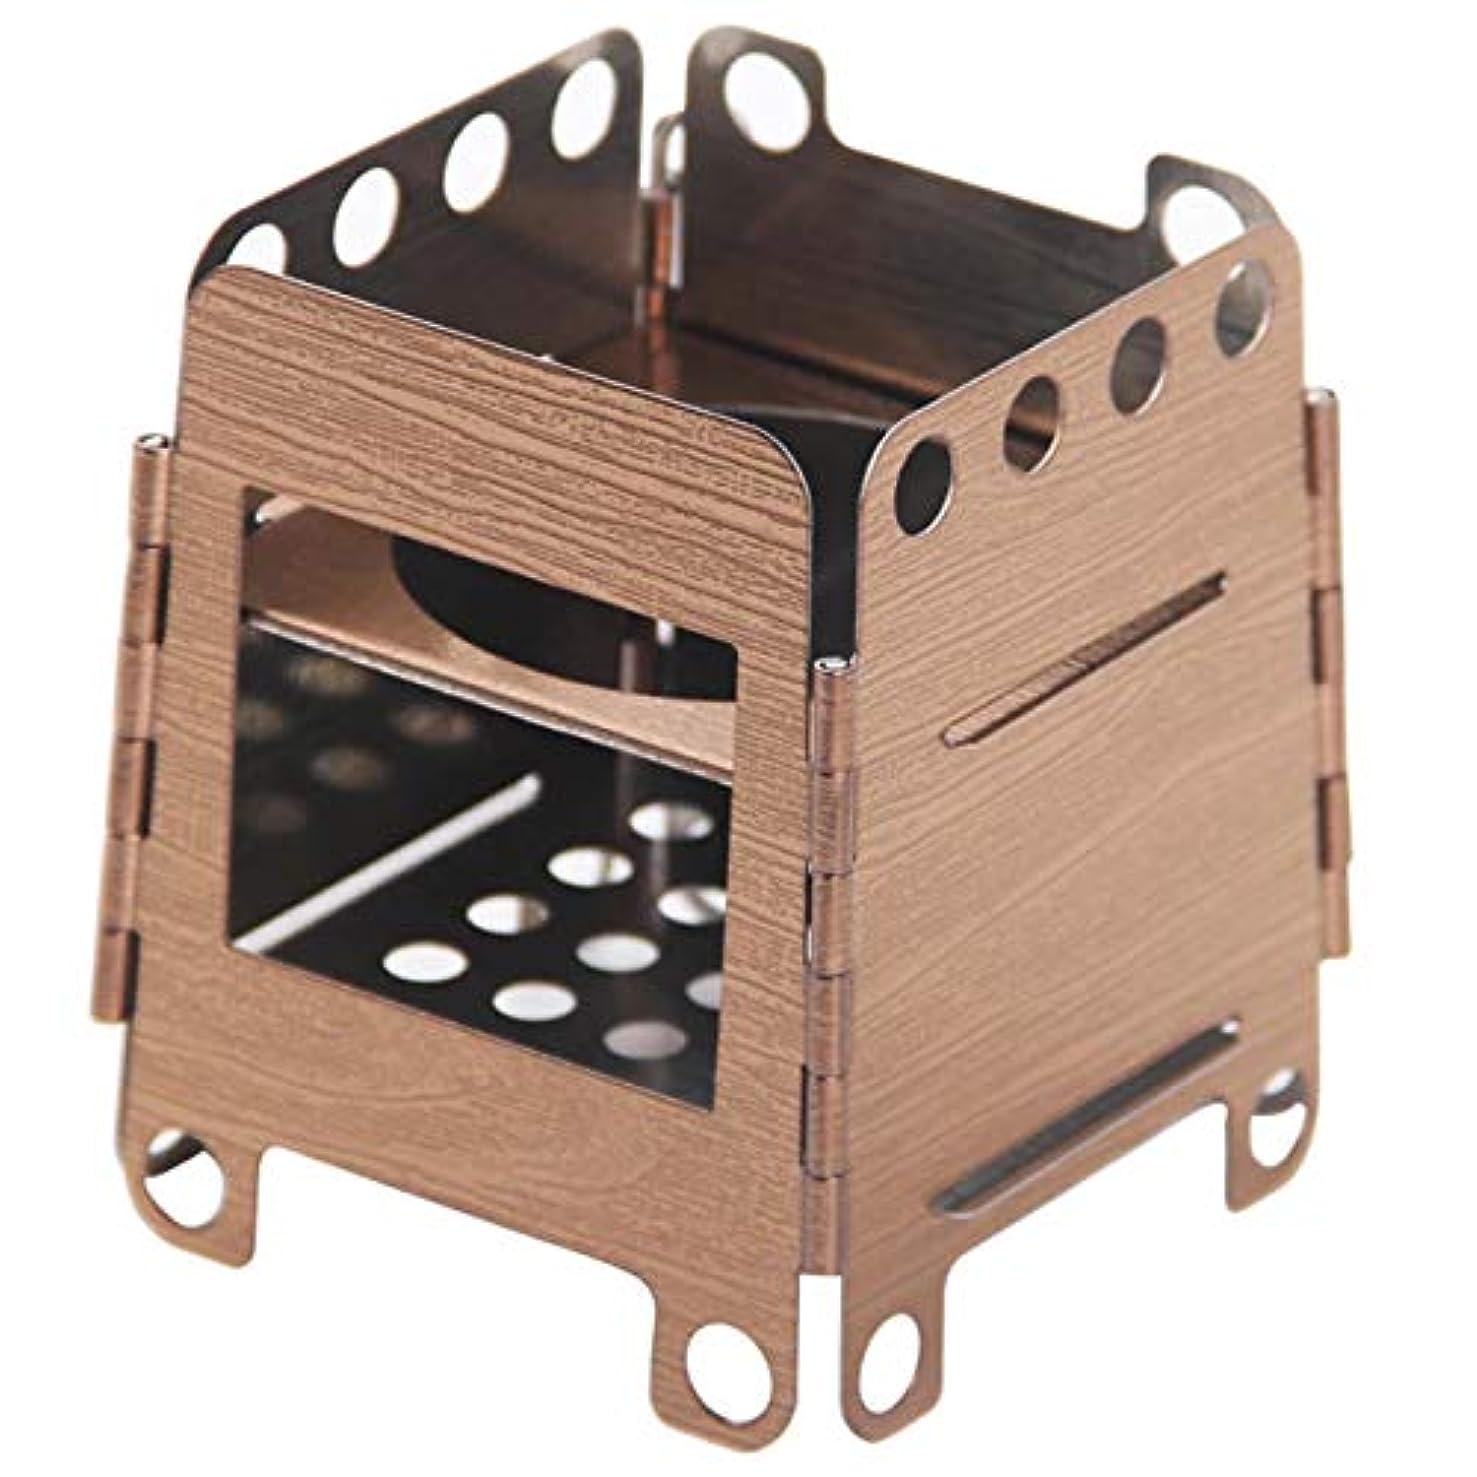 切るネブ勃起AddGear ウッドストーブ 木目調 ステンレス製 折りたたみ式 コンパクト 小型 ミニ ソロキャン AG-WOODSTV